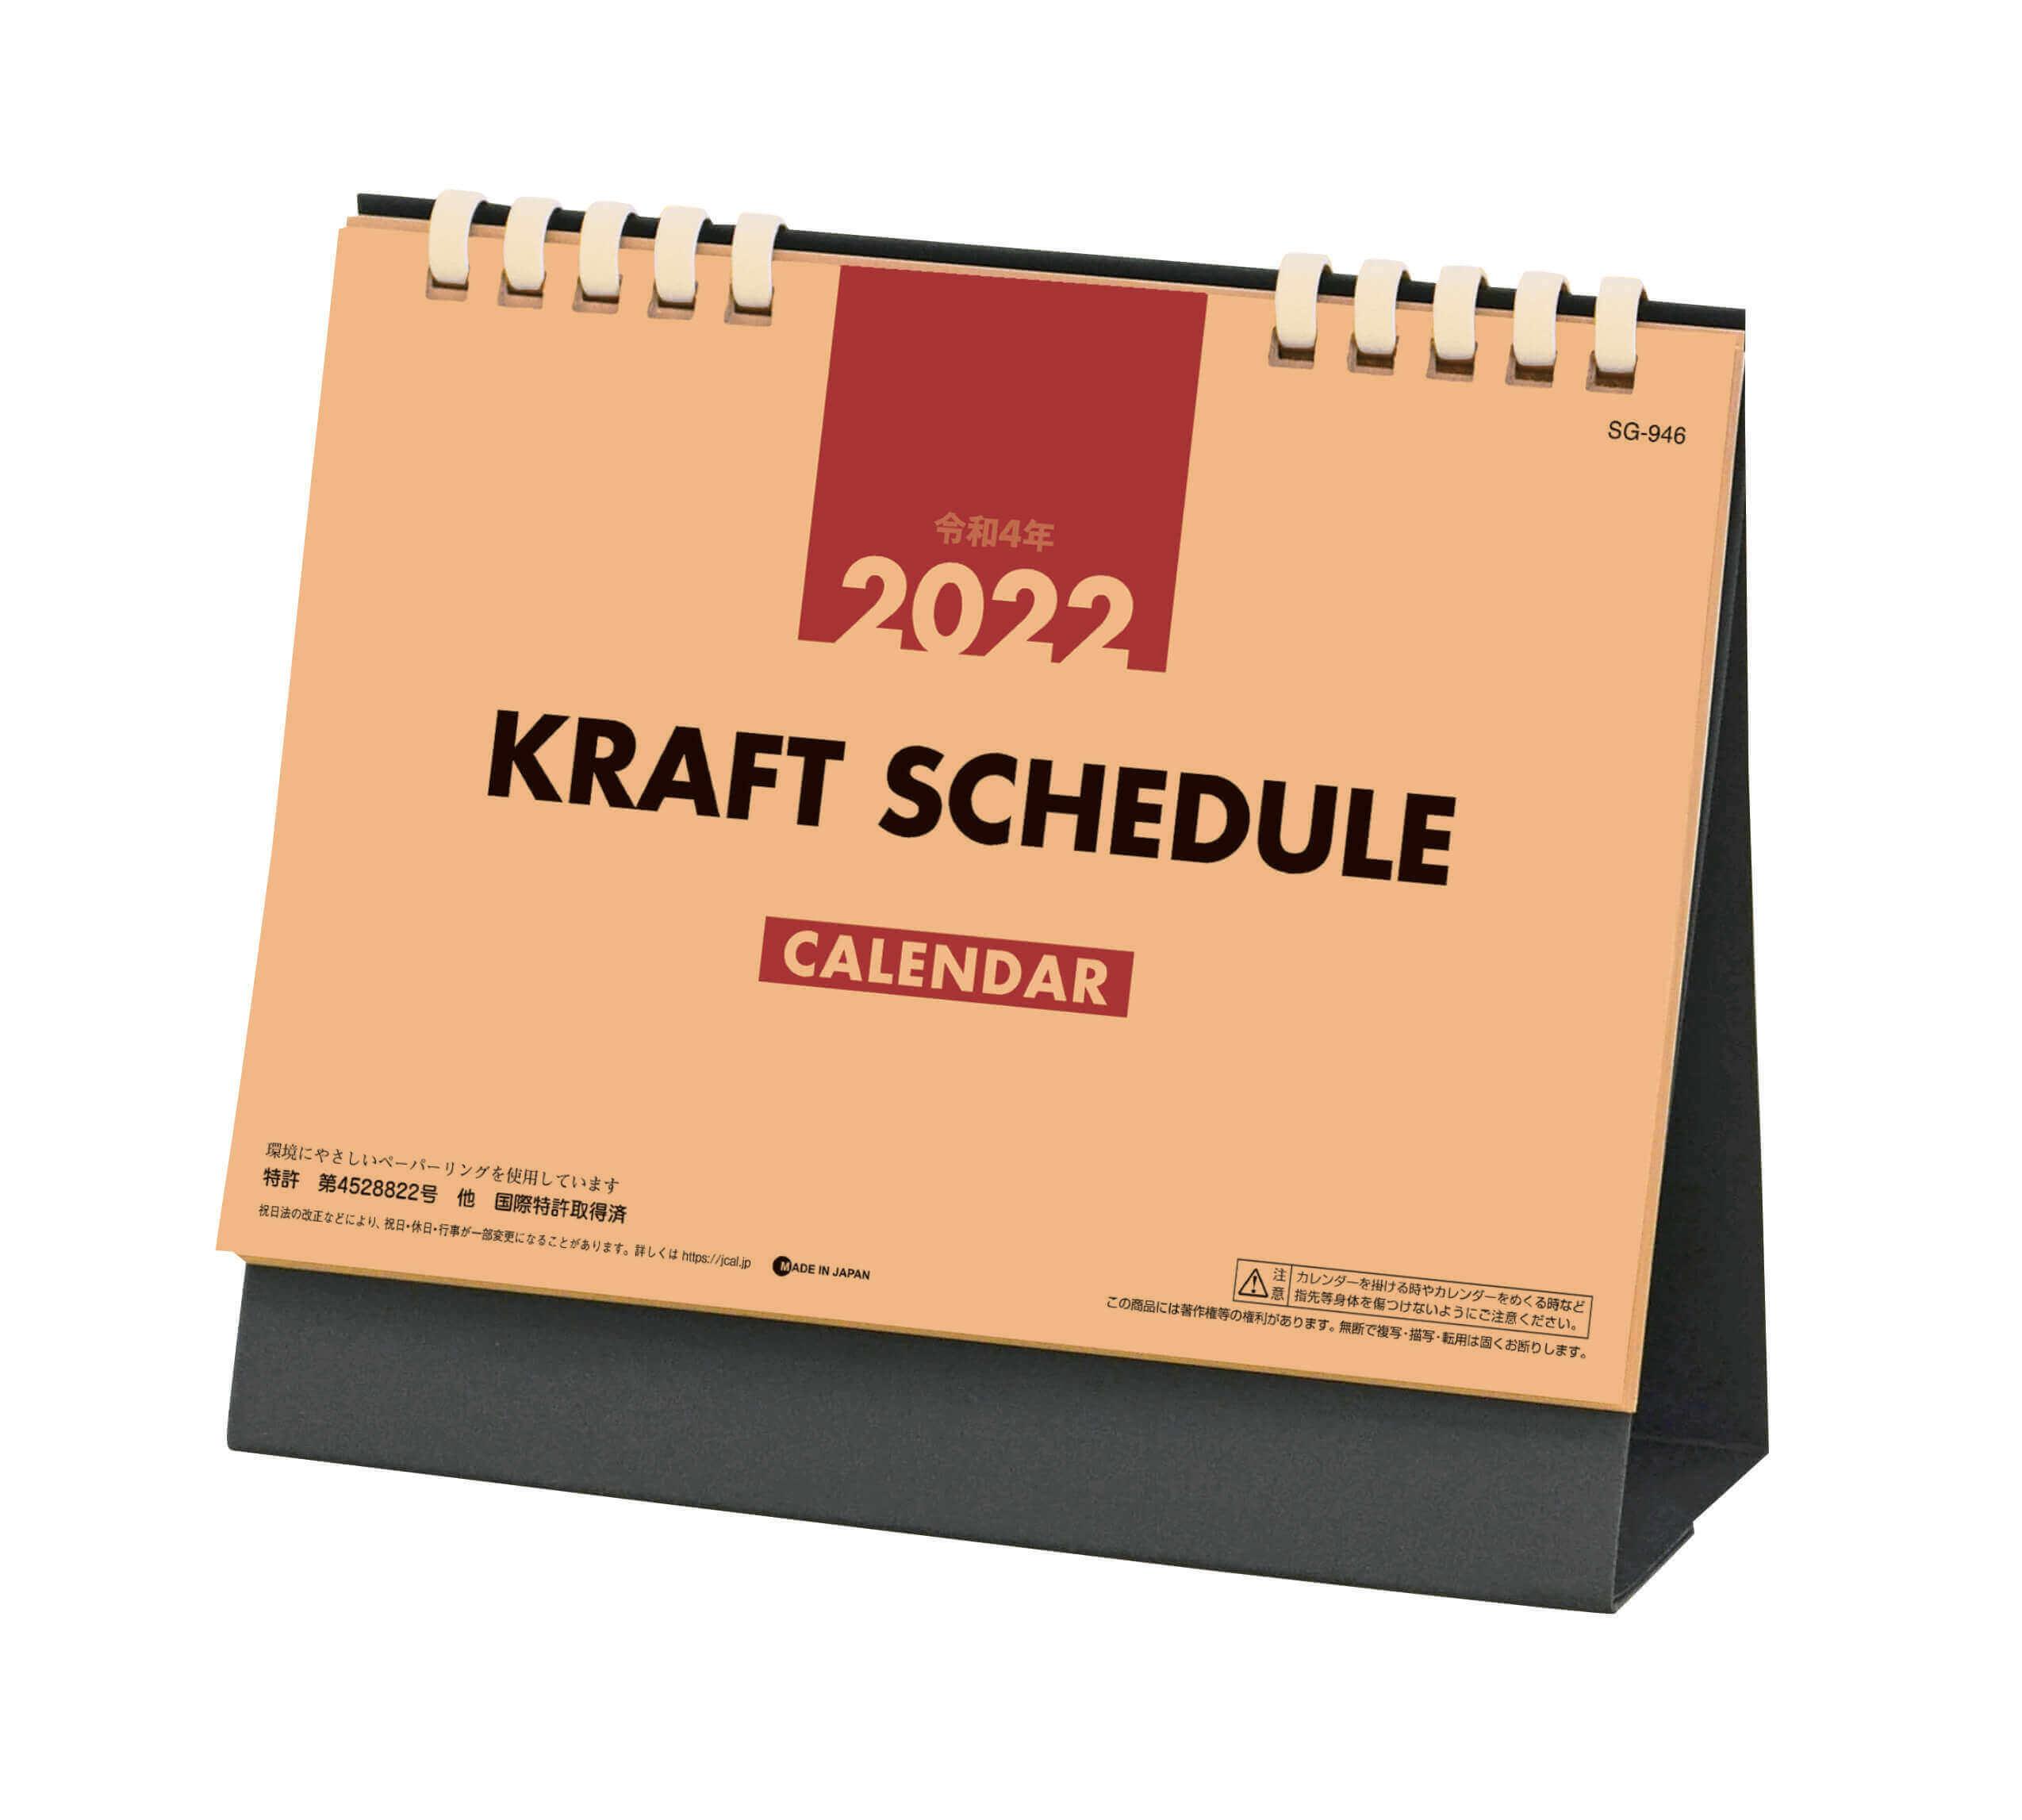 デスクスタンド・クラフト 2022年カレンダーの画像